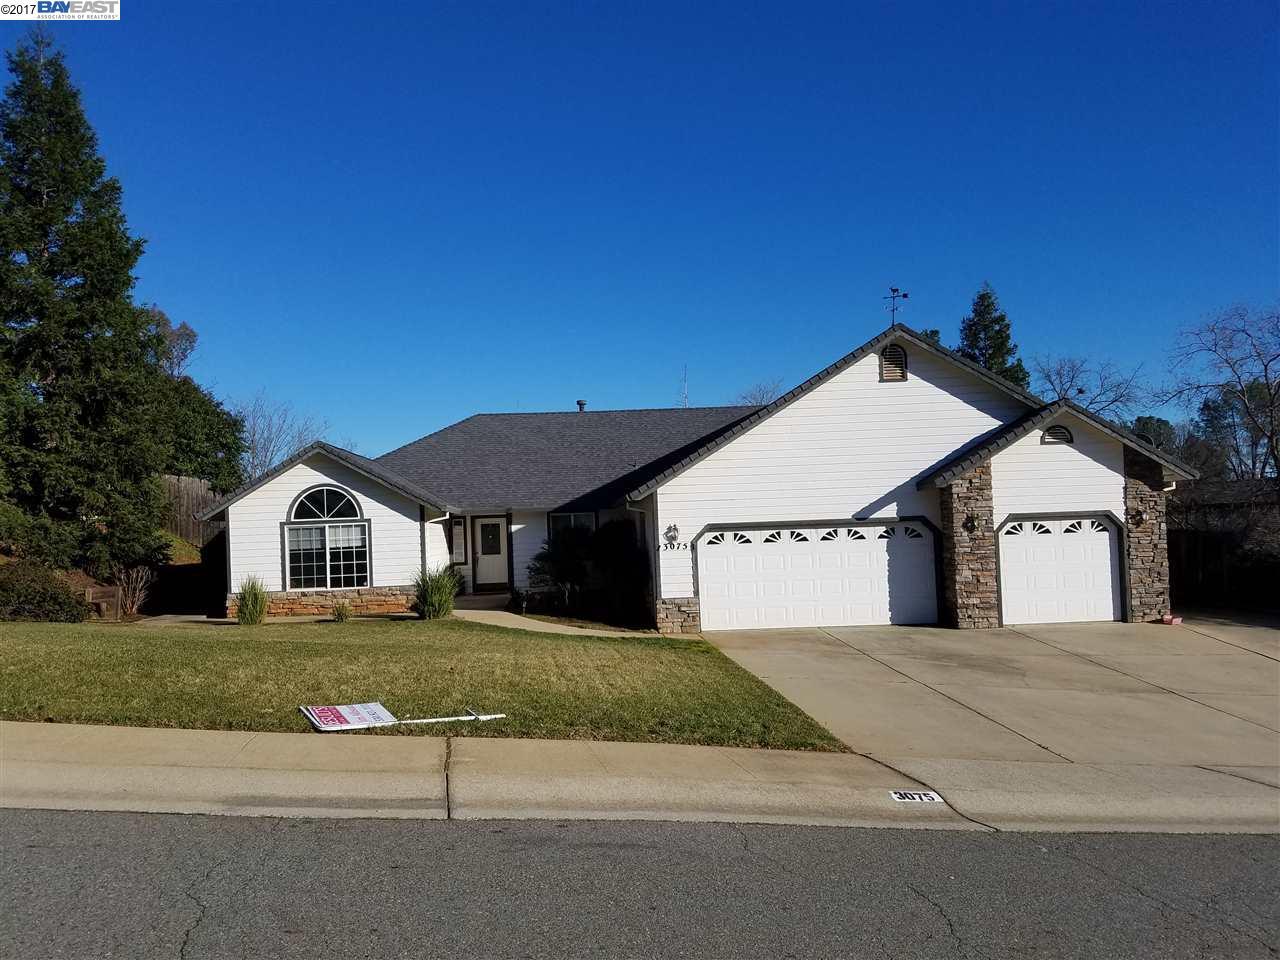 獨棟家庭住宅 為 出售 在 3075 Butterfly Lane Shasta Lake, 加利福尼亞州 96019 美國